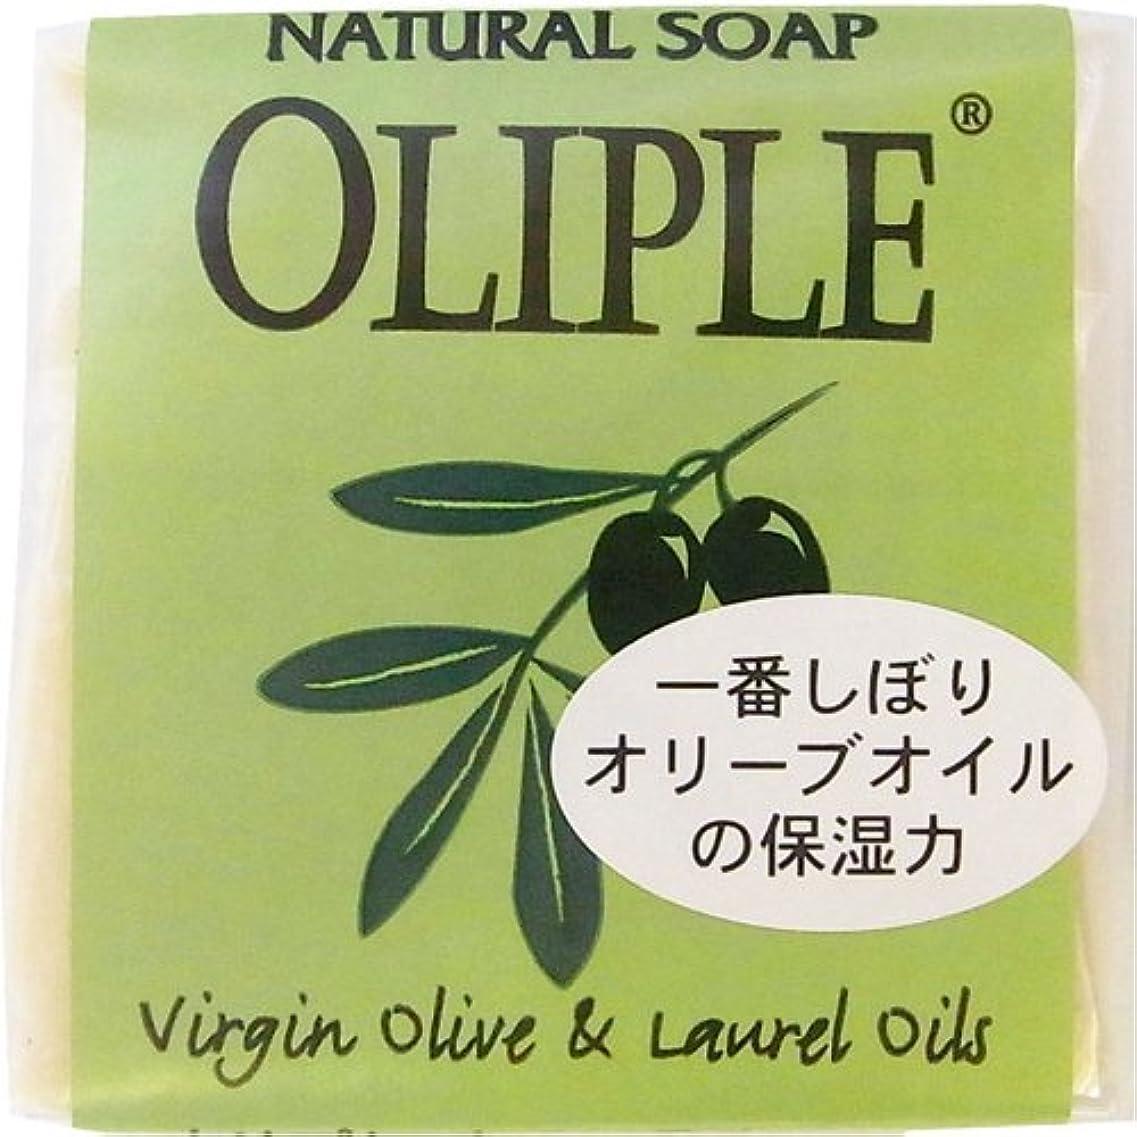 ごちそう間欠転用オリプレナチュラルソープ バージンオリーブ&月桂樹オイル ミニ 50g